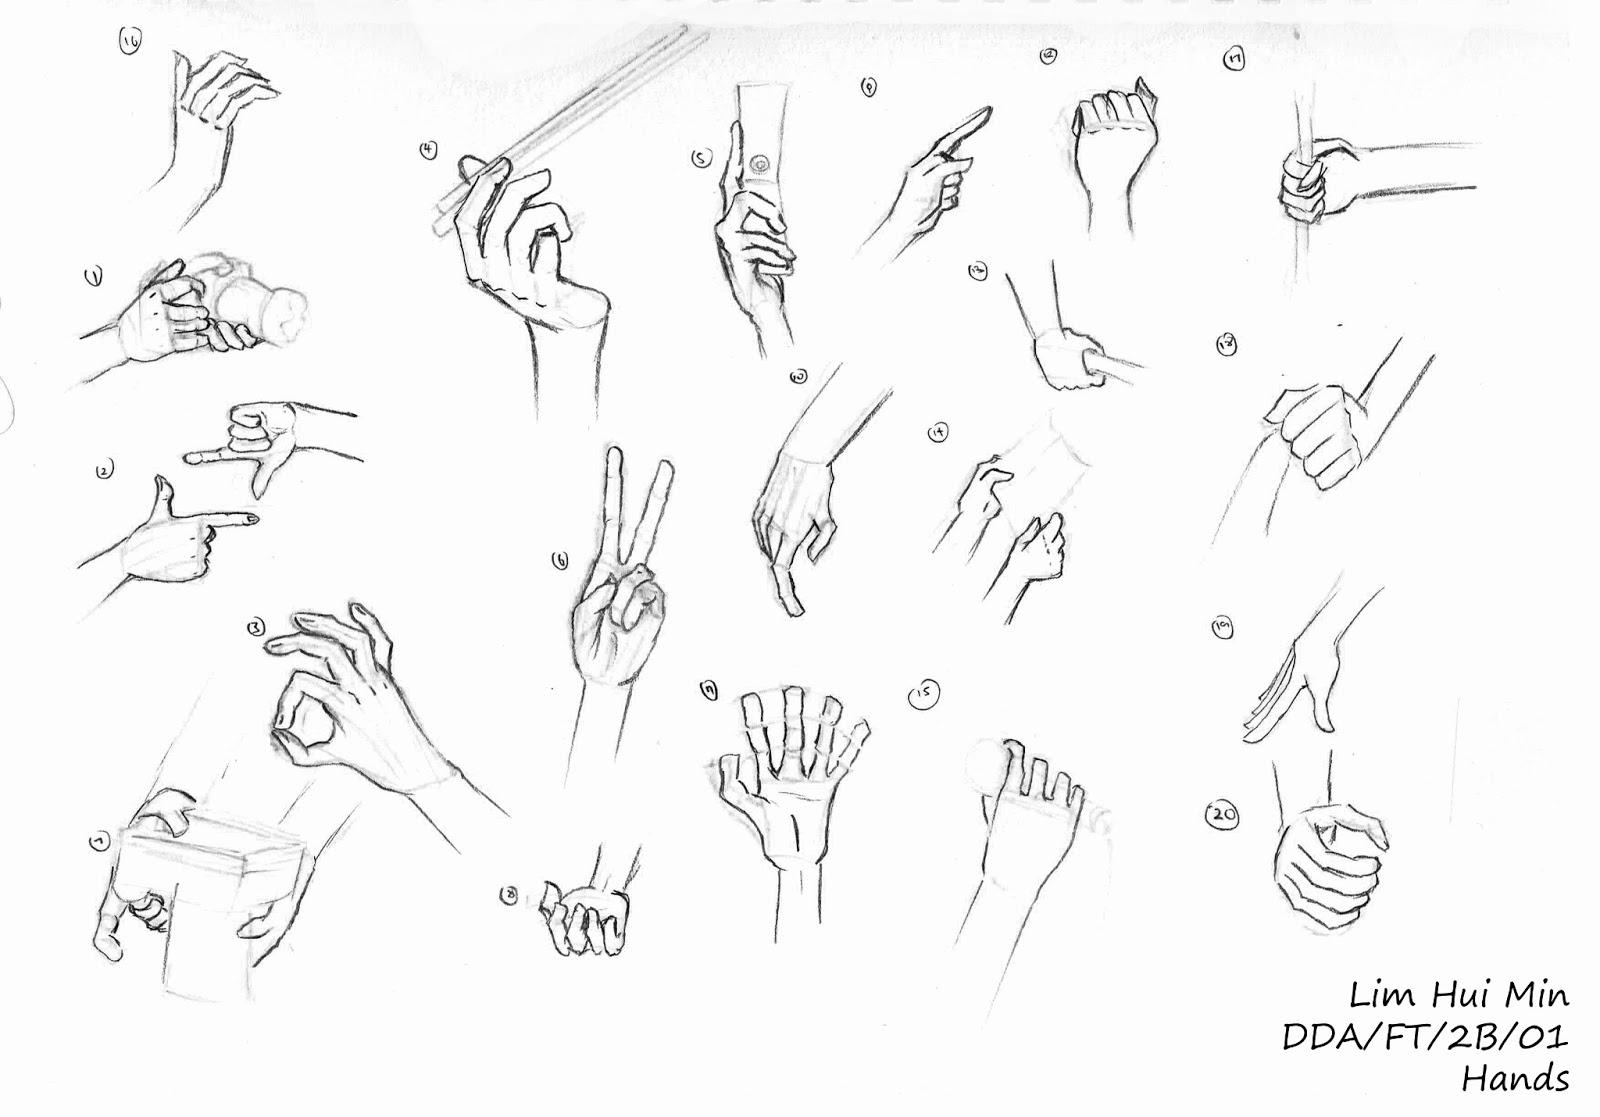 Drawn hand gesture Hand Drawing: Gesture Figure Portfolio: